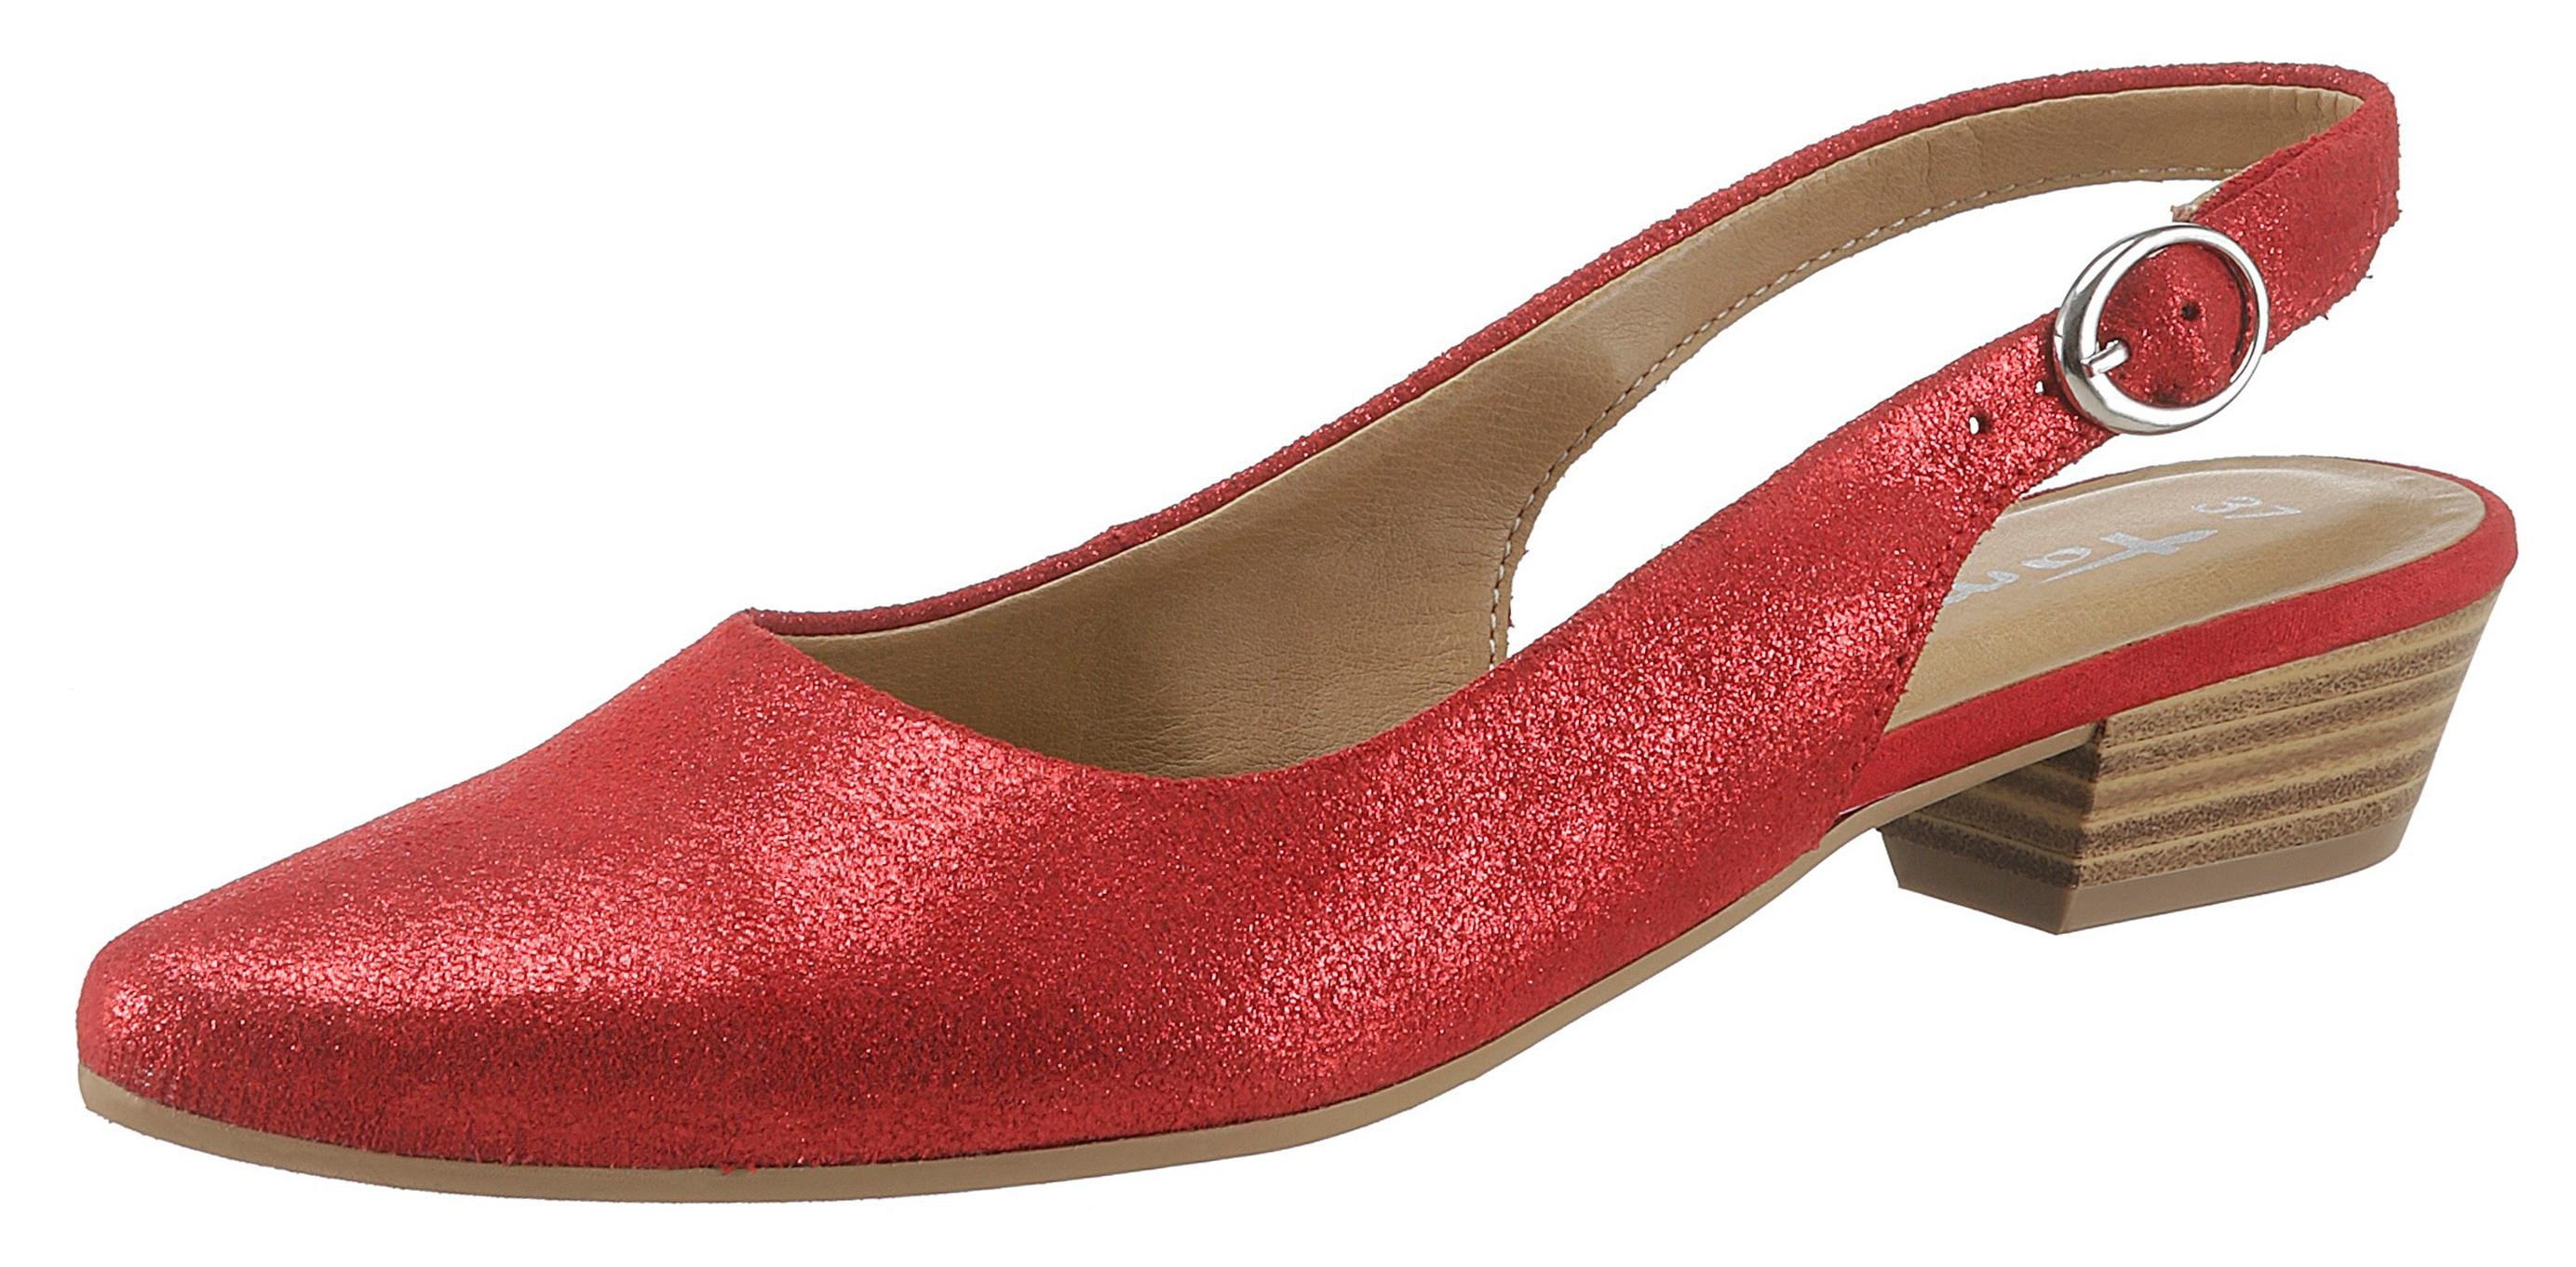 5d14c848f1b Tamaris Schoenen online kopen | Bekijk de collectie | OTTO